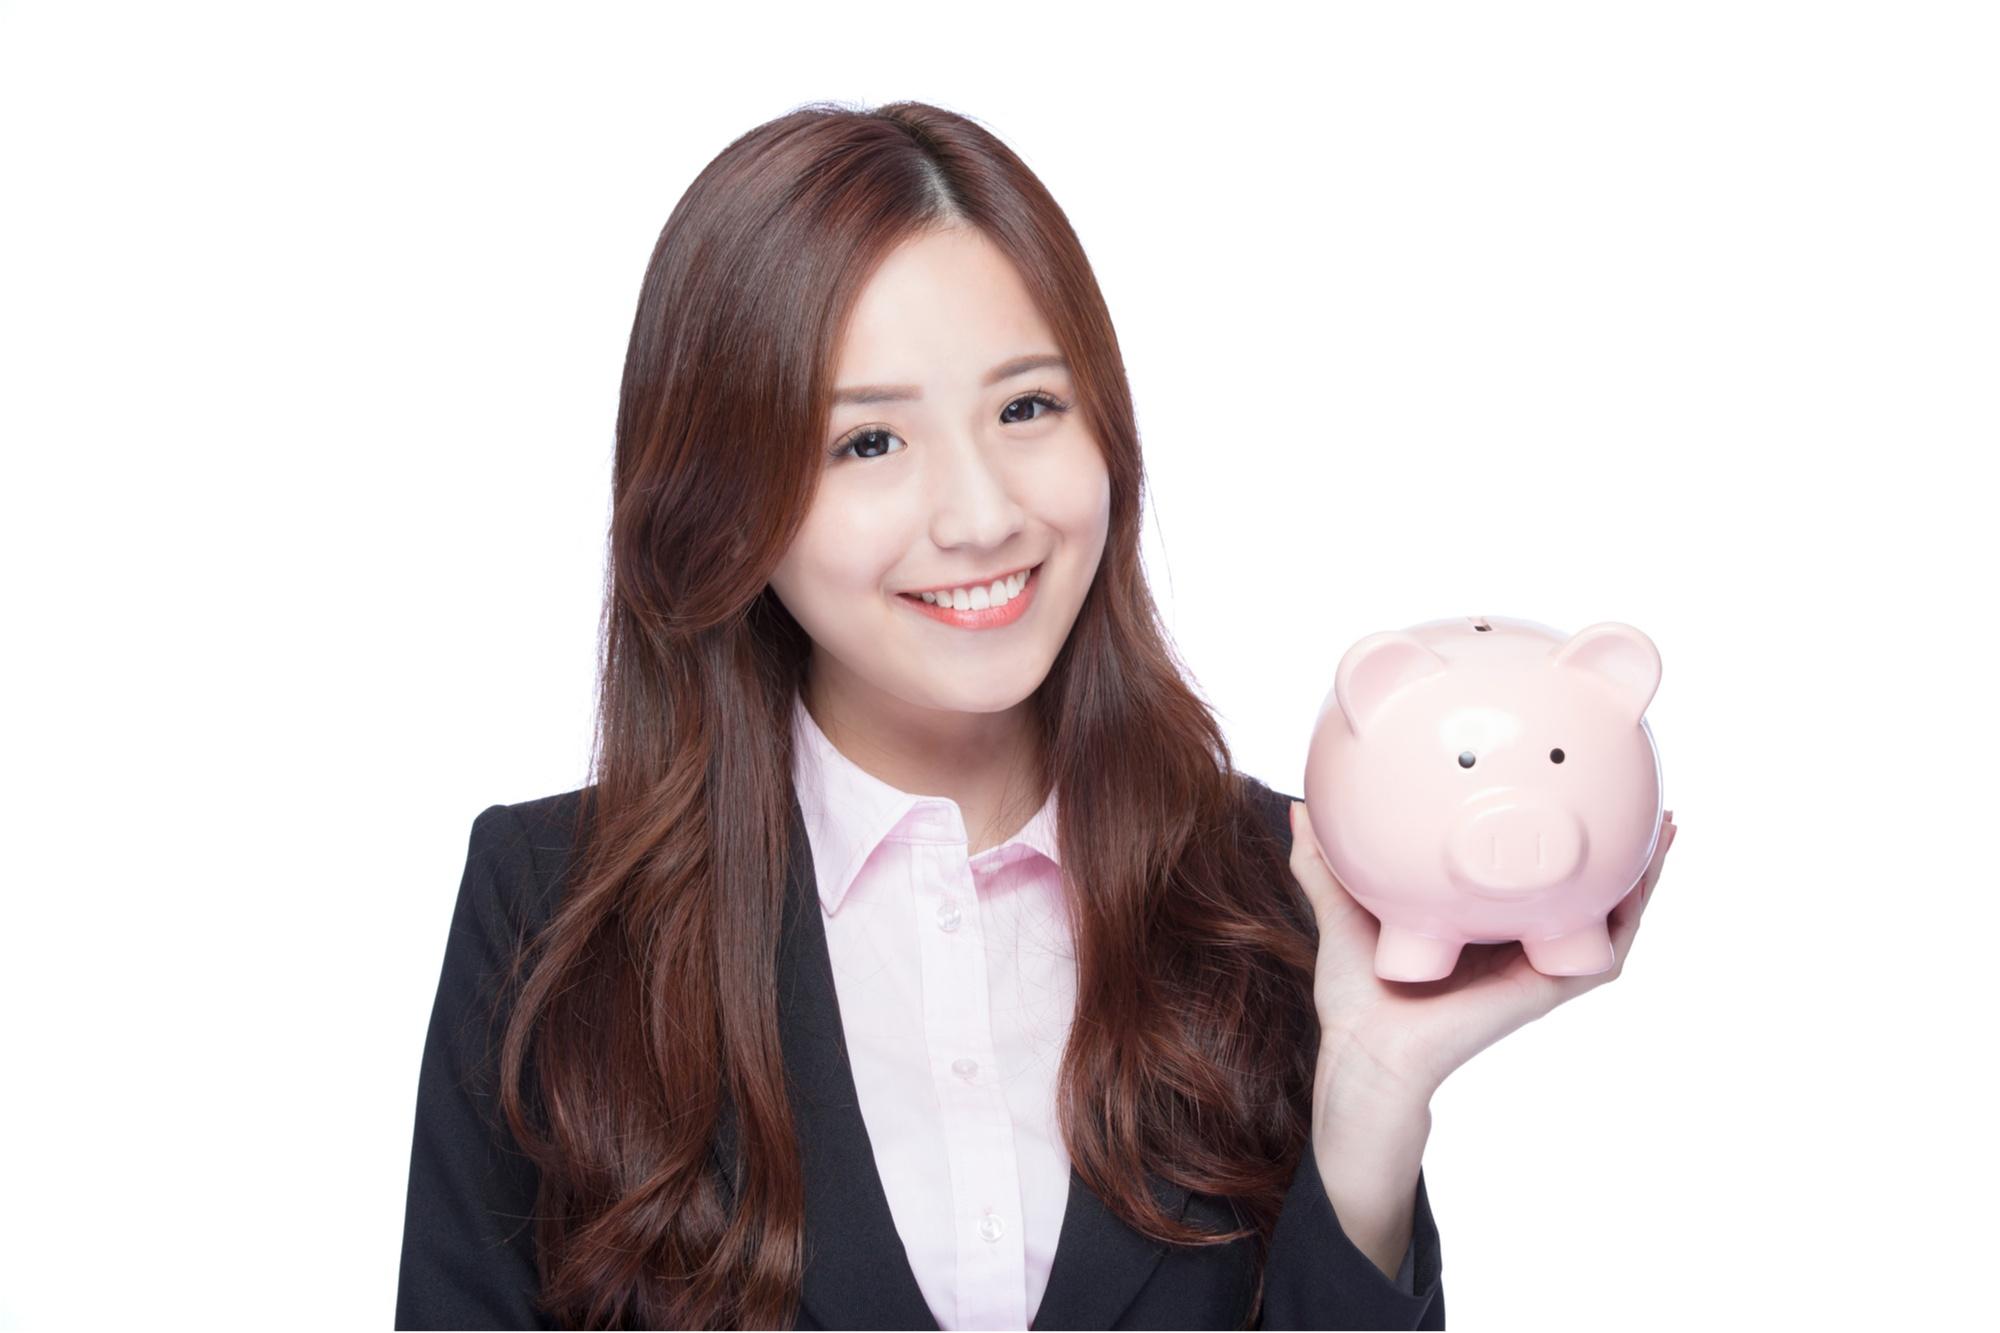 20代後半の年収事情 - 現在の年収は? 結婚や老後のための貯蓄はどれくらい必要?_21